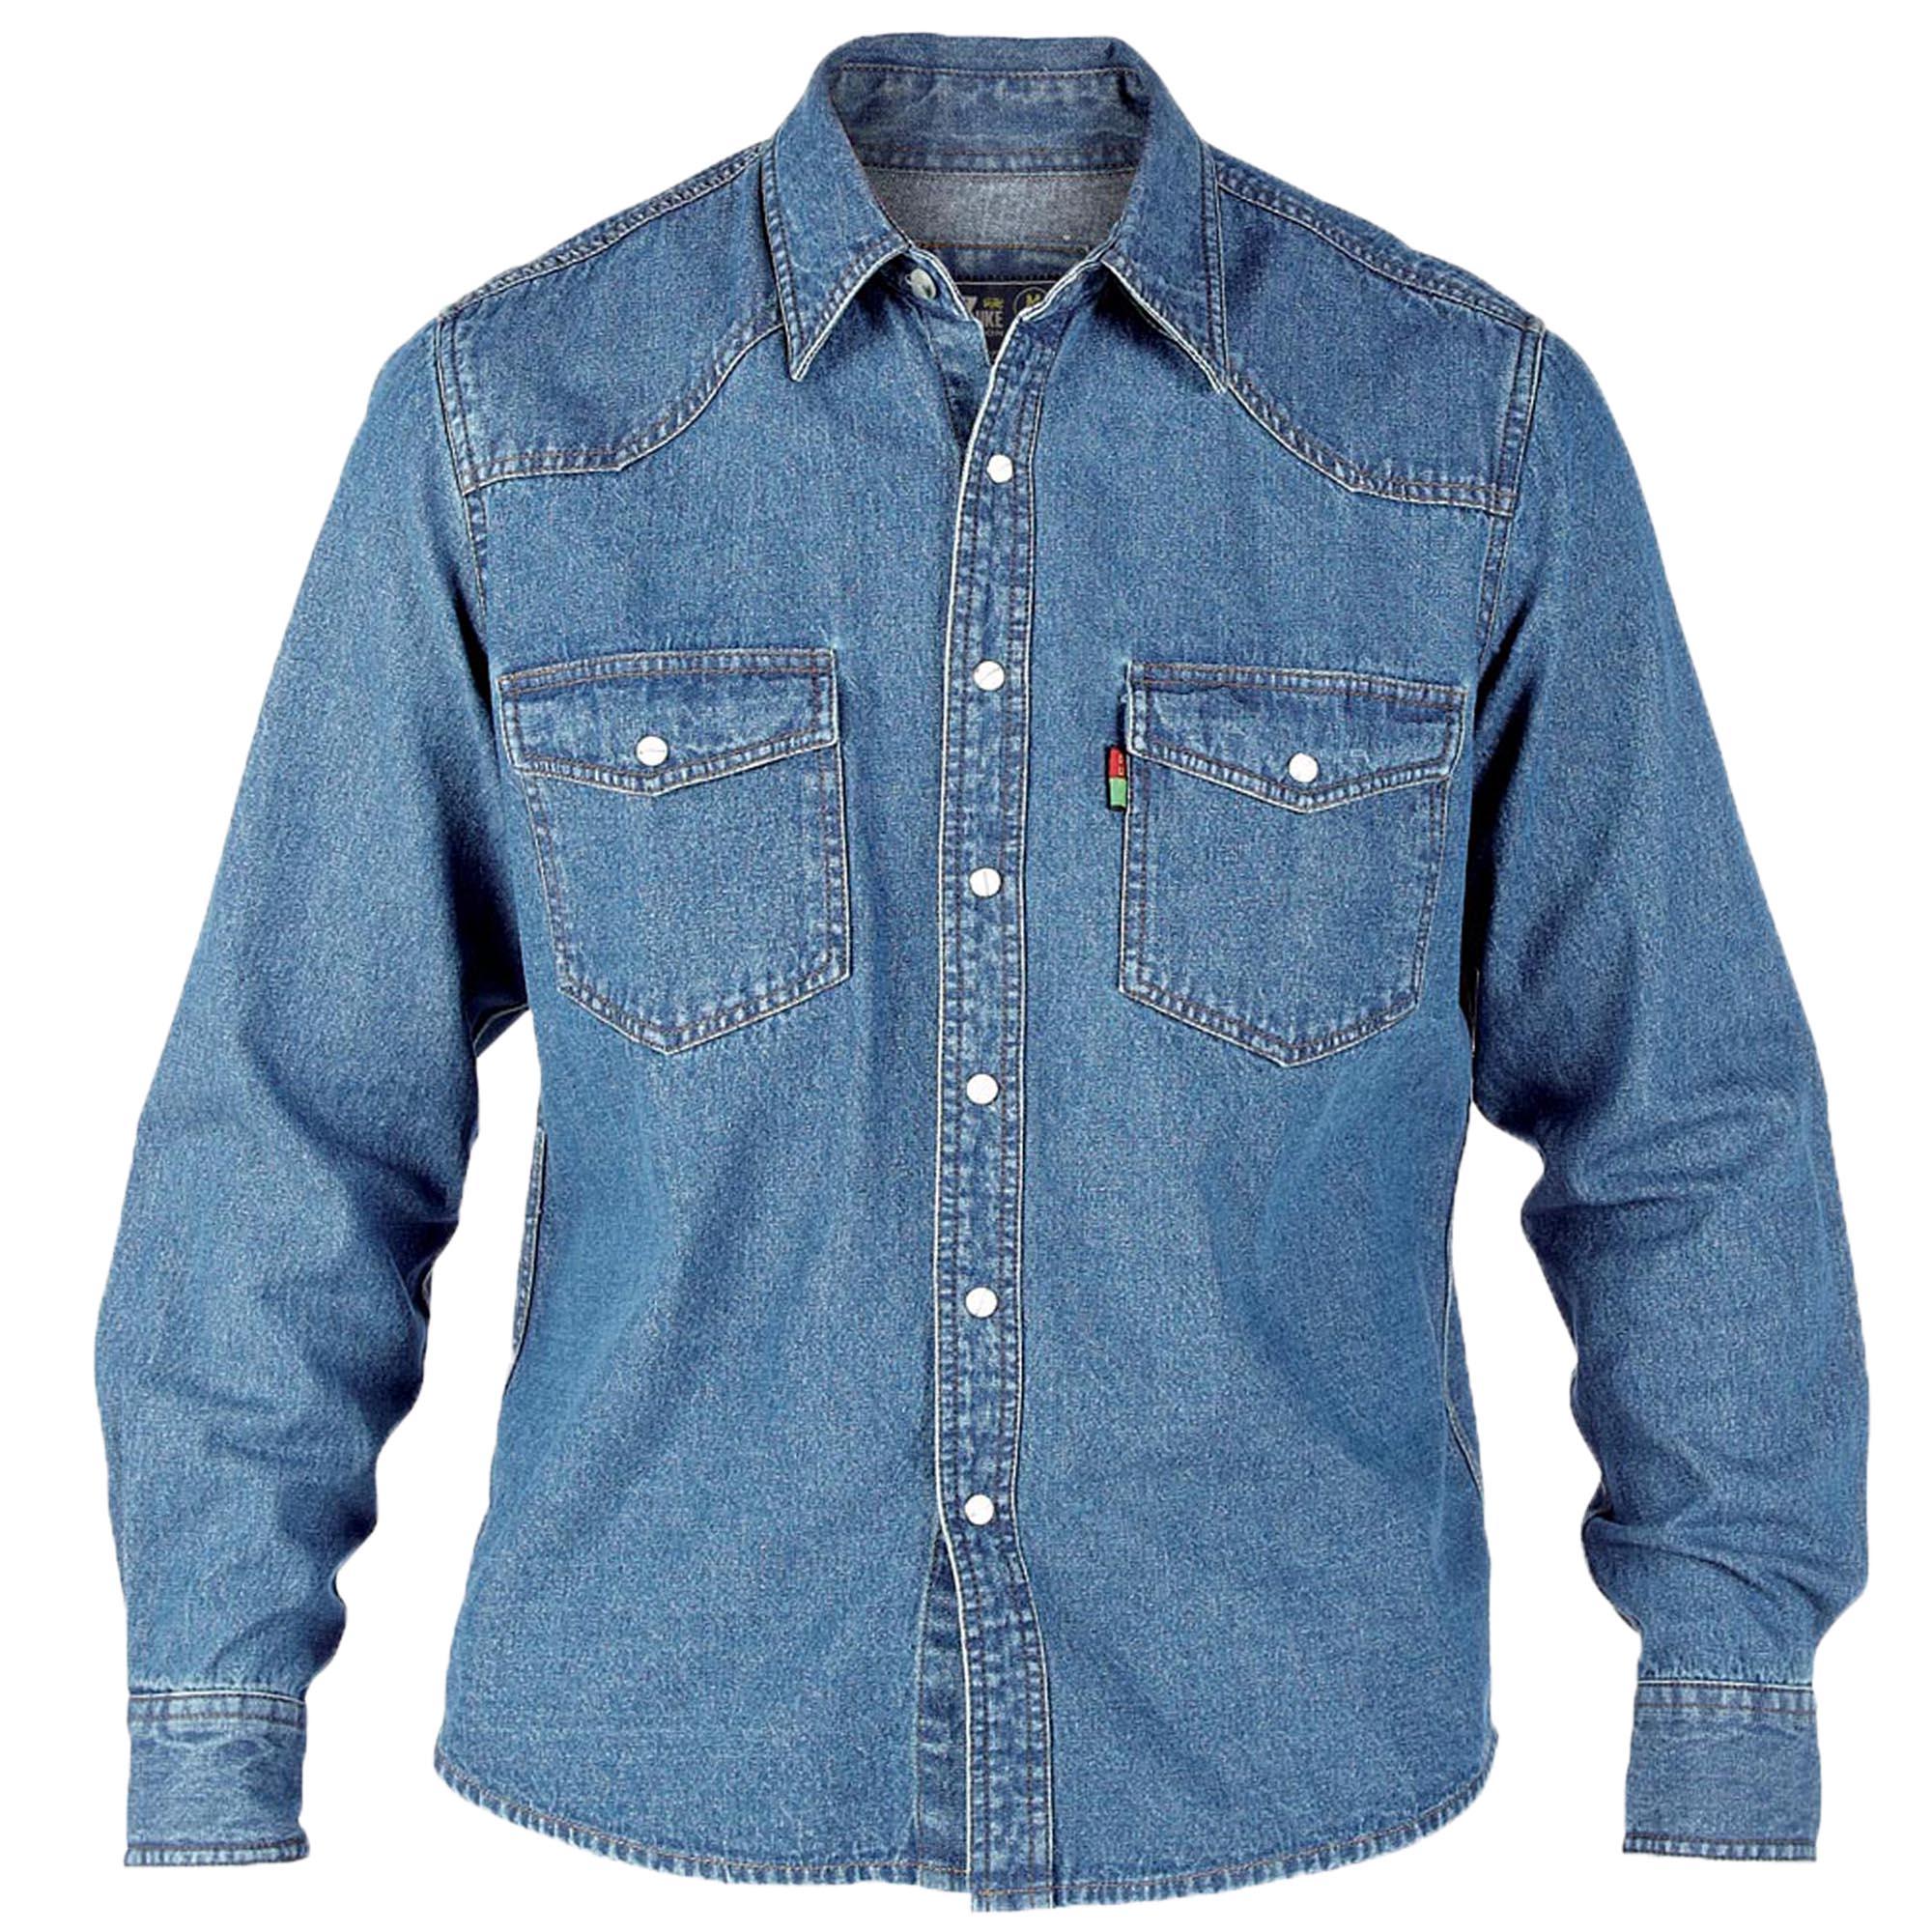 UOMO-JEANS-camicie-da-D555-DUKE-grande-misura-king